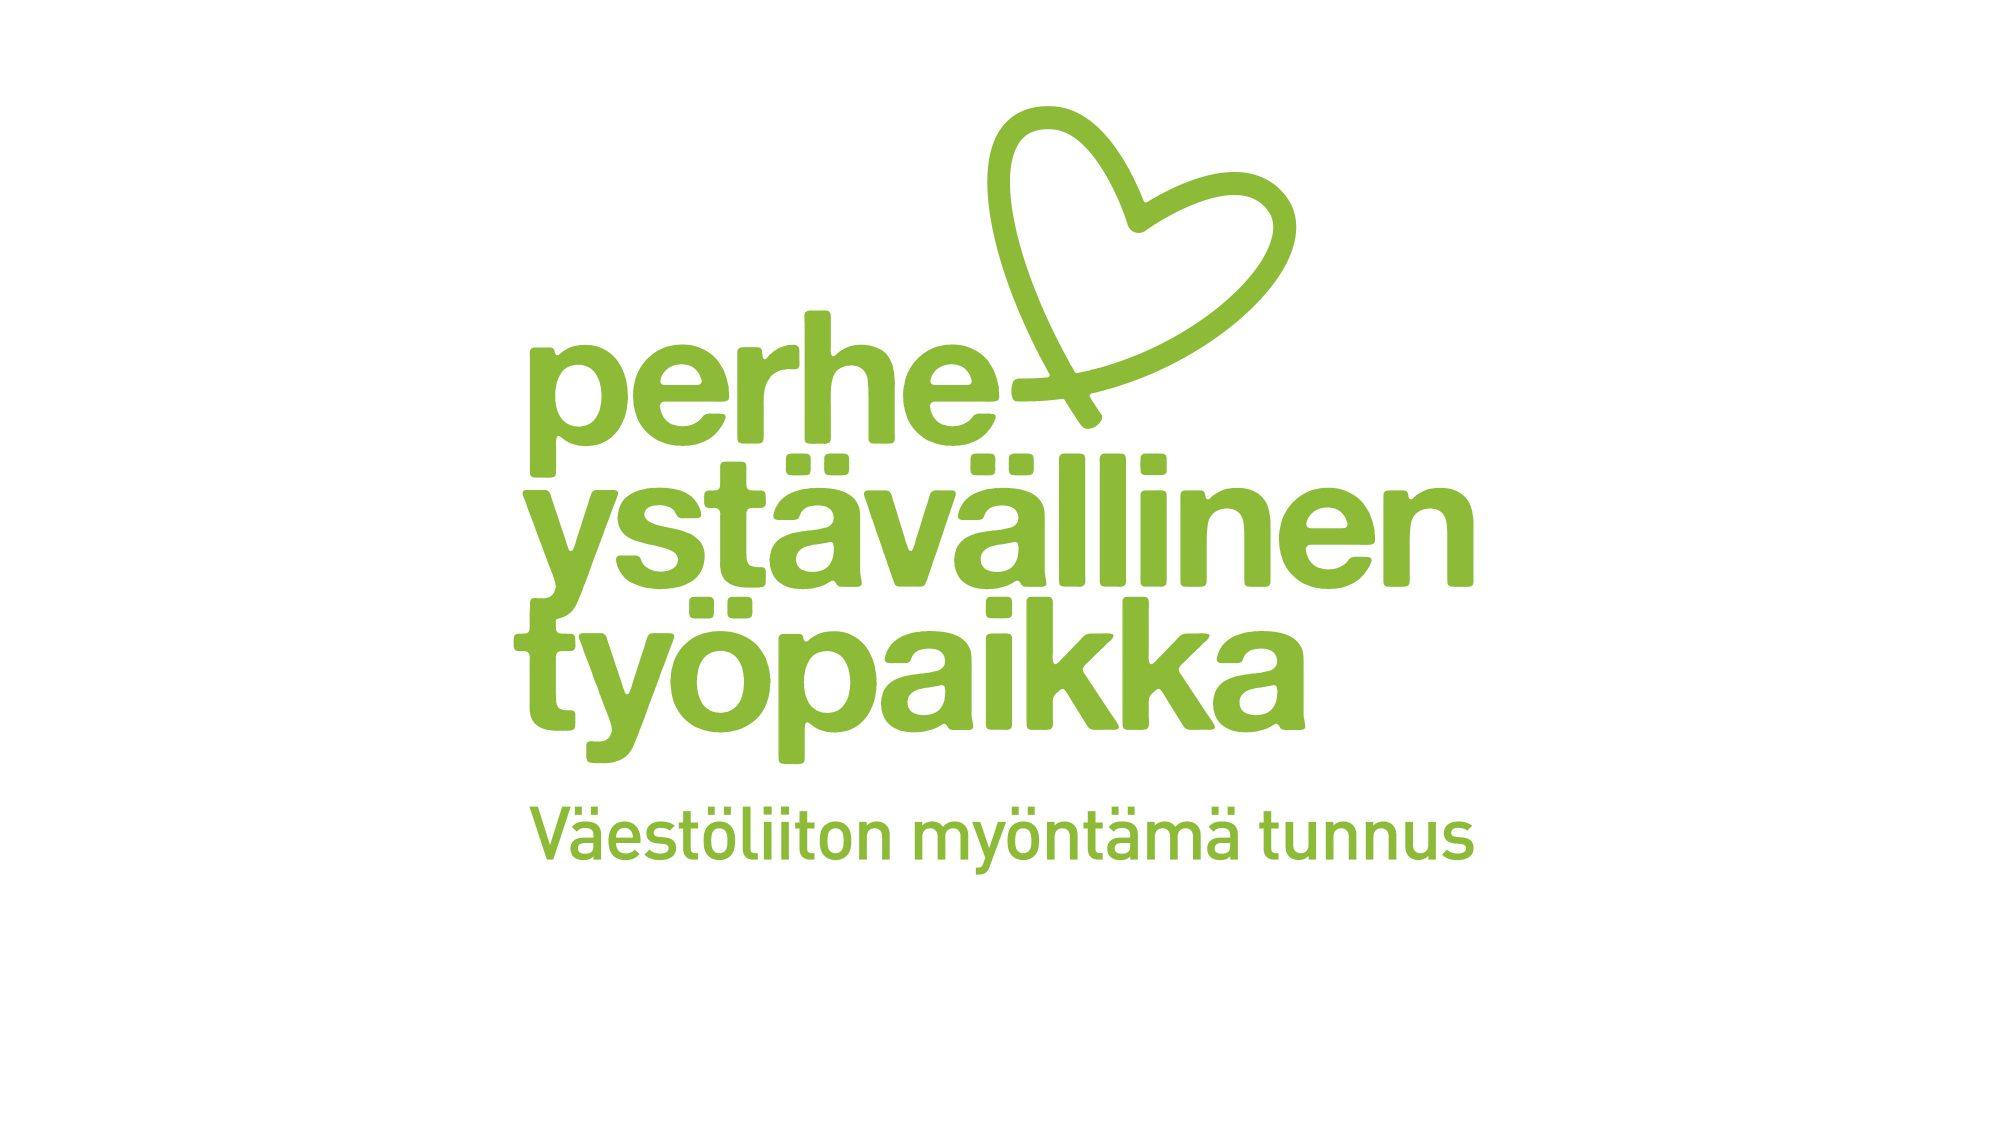 Perheystävällinen työpaikka -tunnus Lastensuojelun Keskusliitolle, Suomen Vanhempainliitolle ja Miessakeille